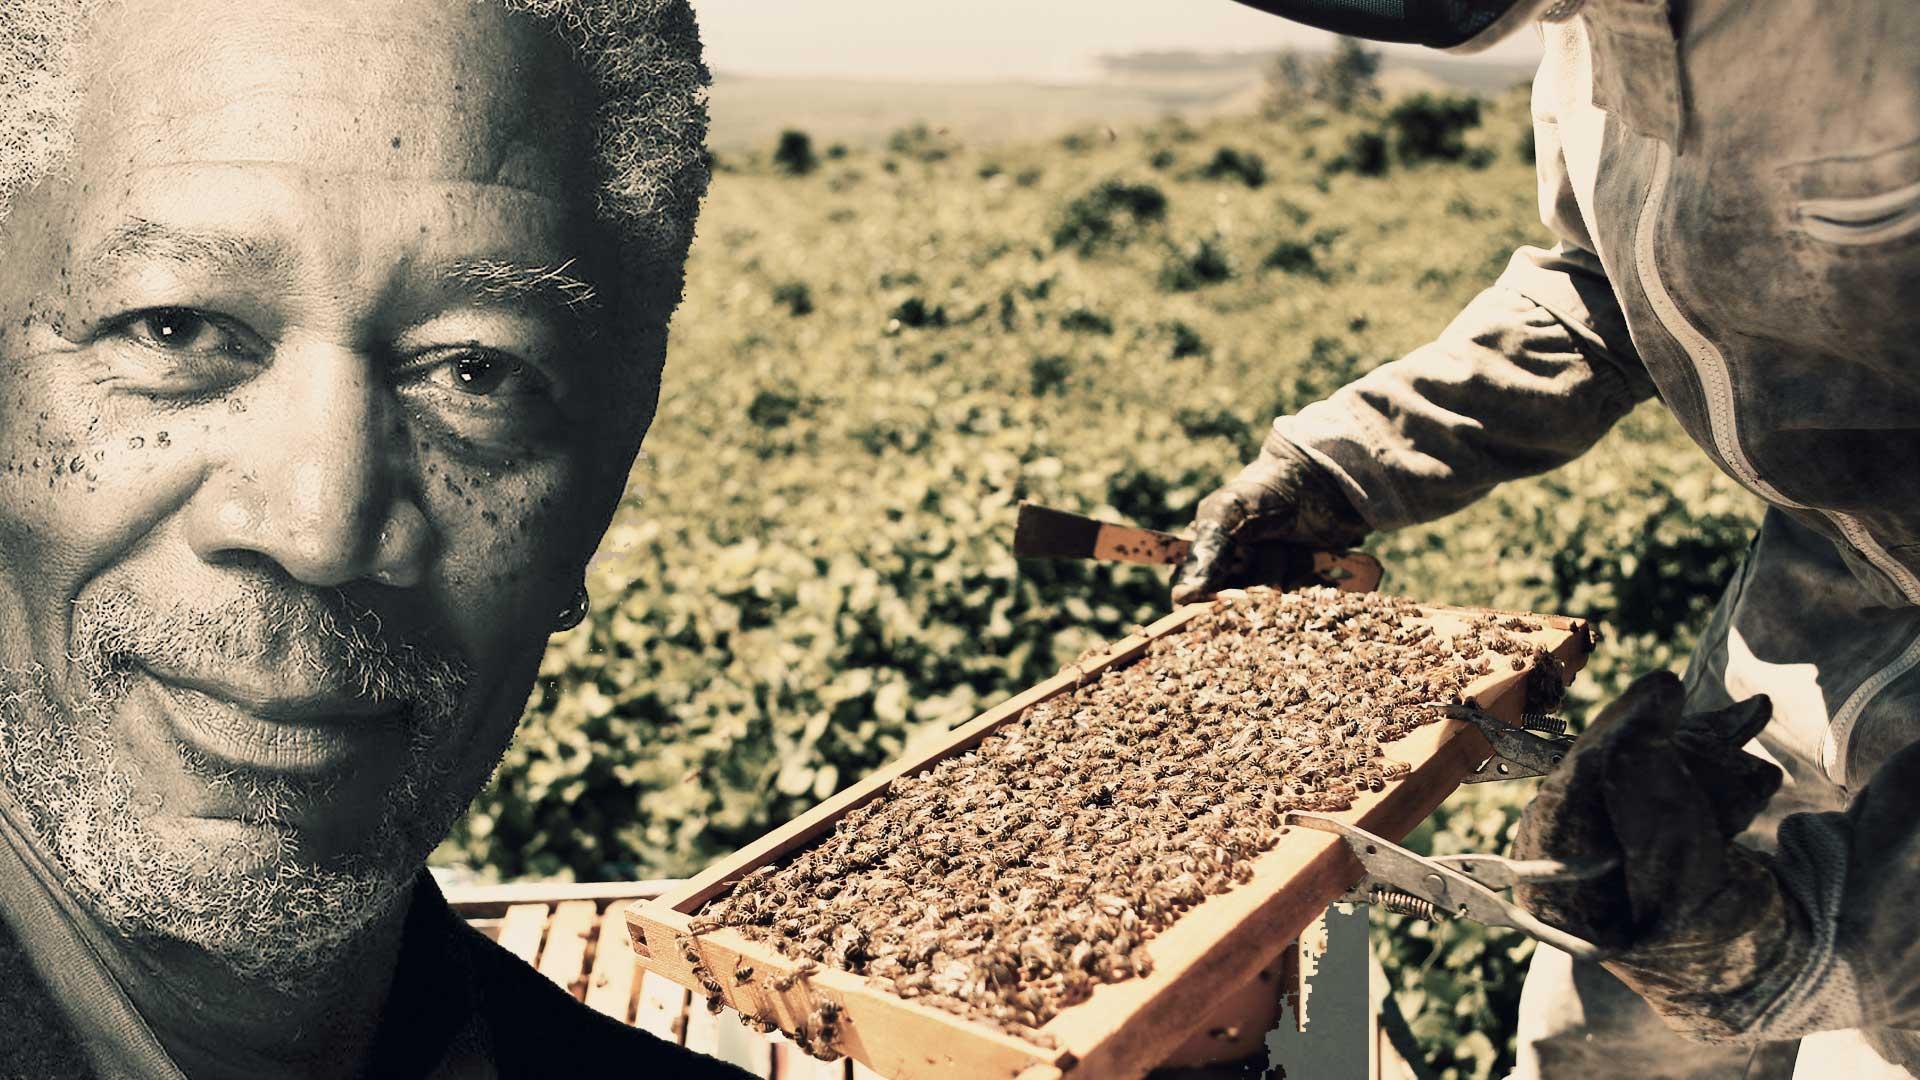 La aportación de Morgan Freeman para salvar la naturaleza con su increíble santuario de abejas